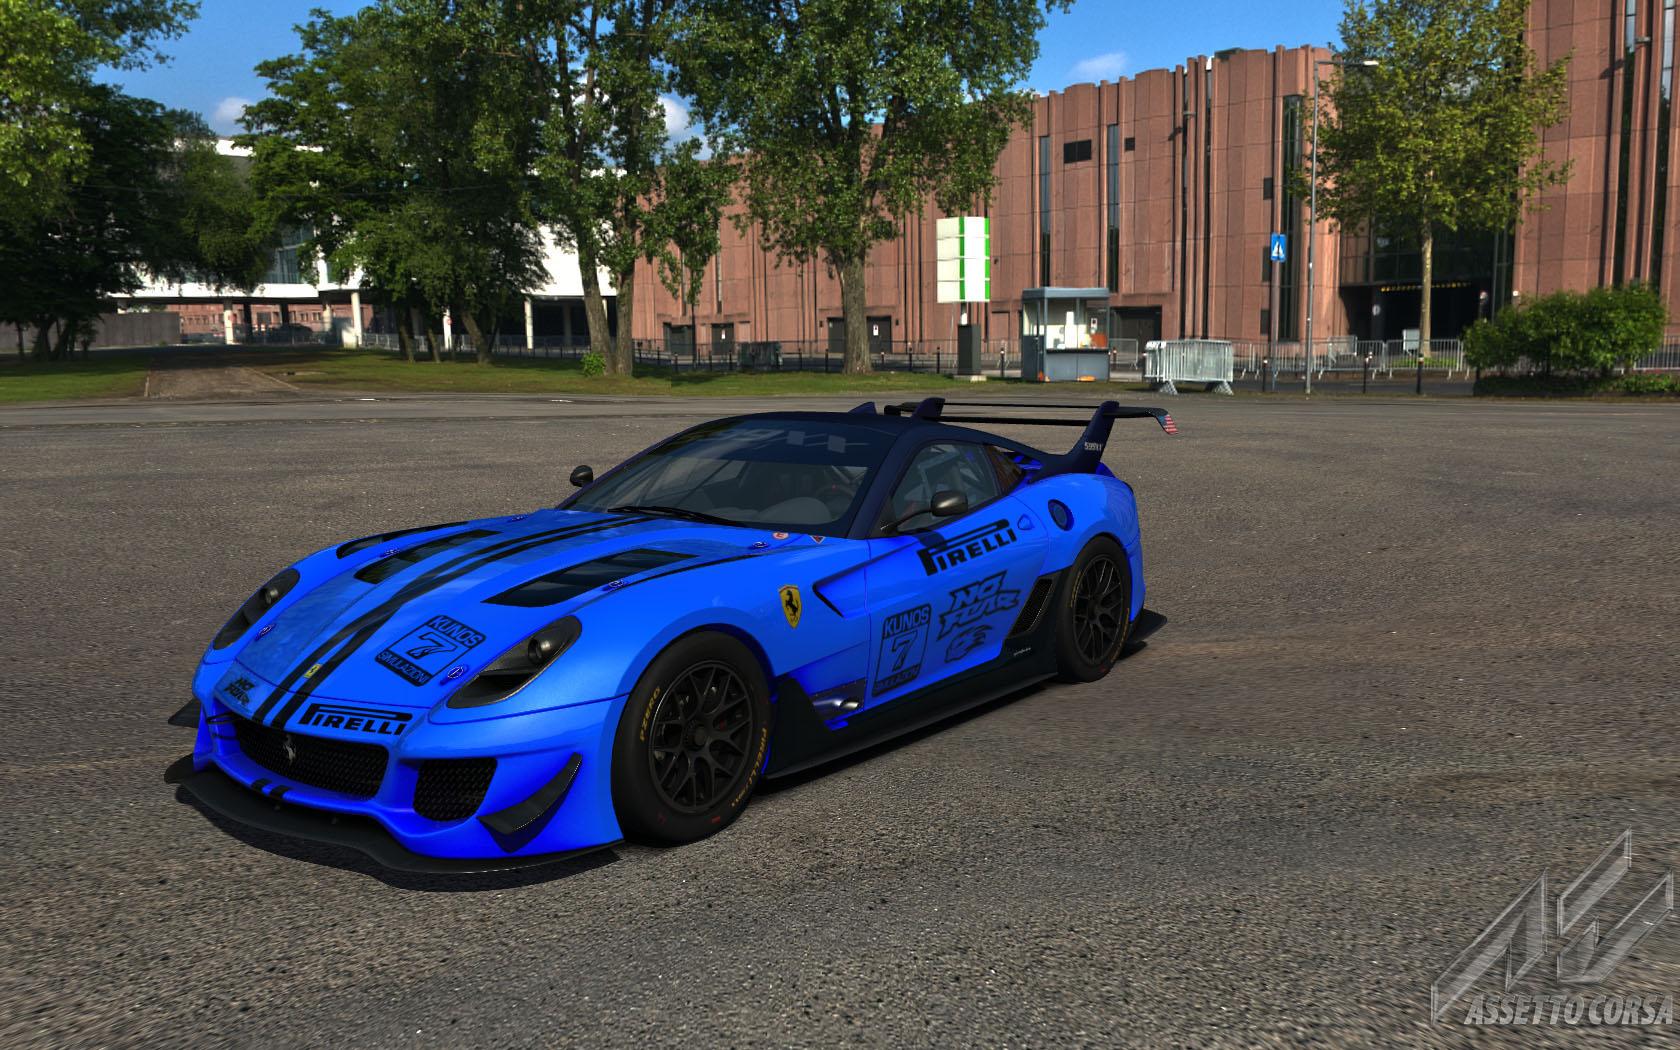 blue_599xx_evo_no_fear.jpg